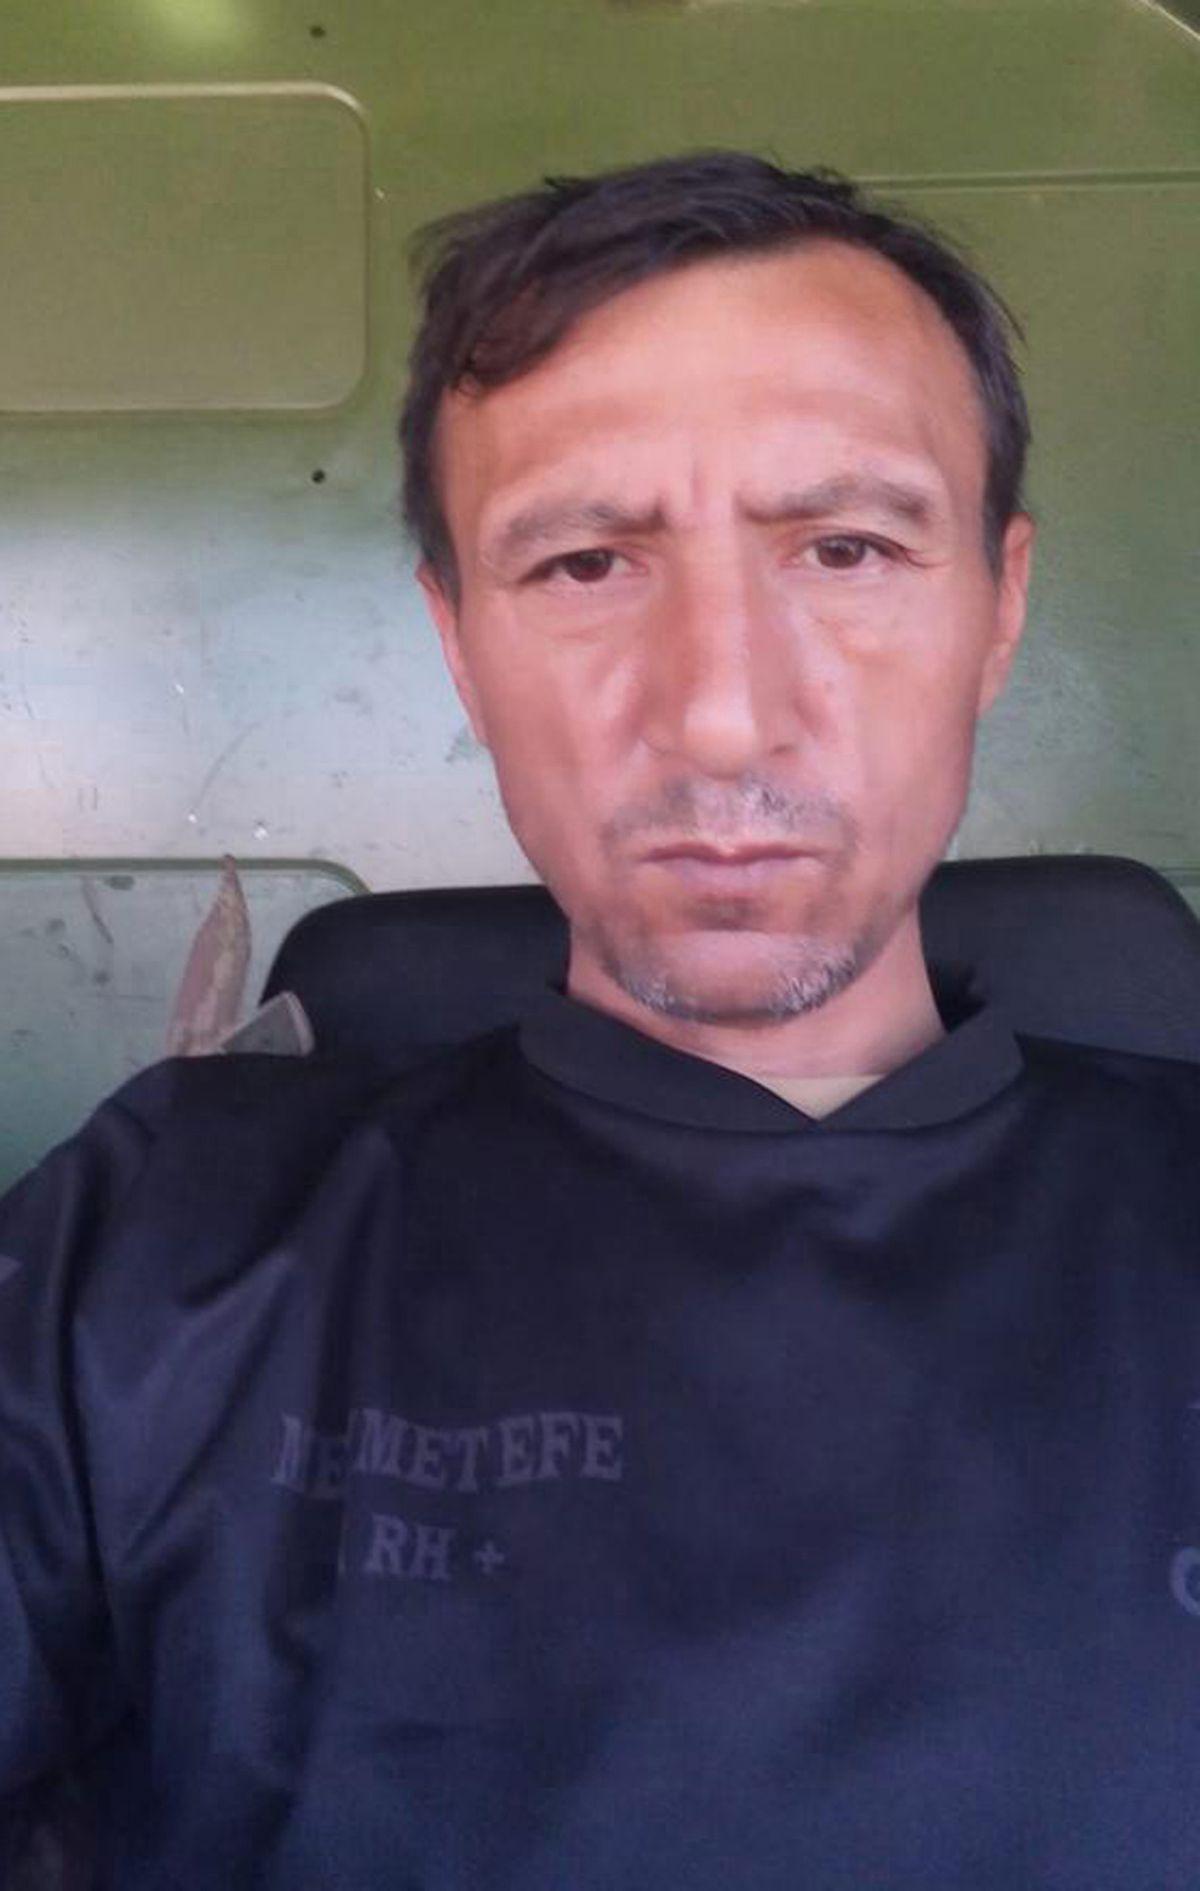 Burdur da öldürülen kadının katili tahliye edilince, adliyede arbede çıktı #5